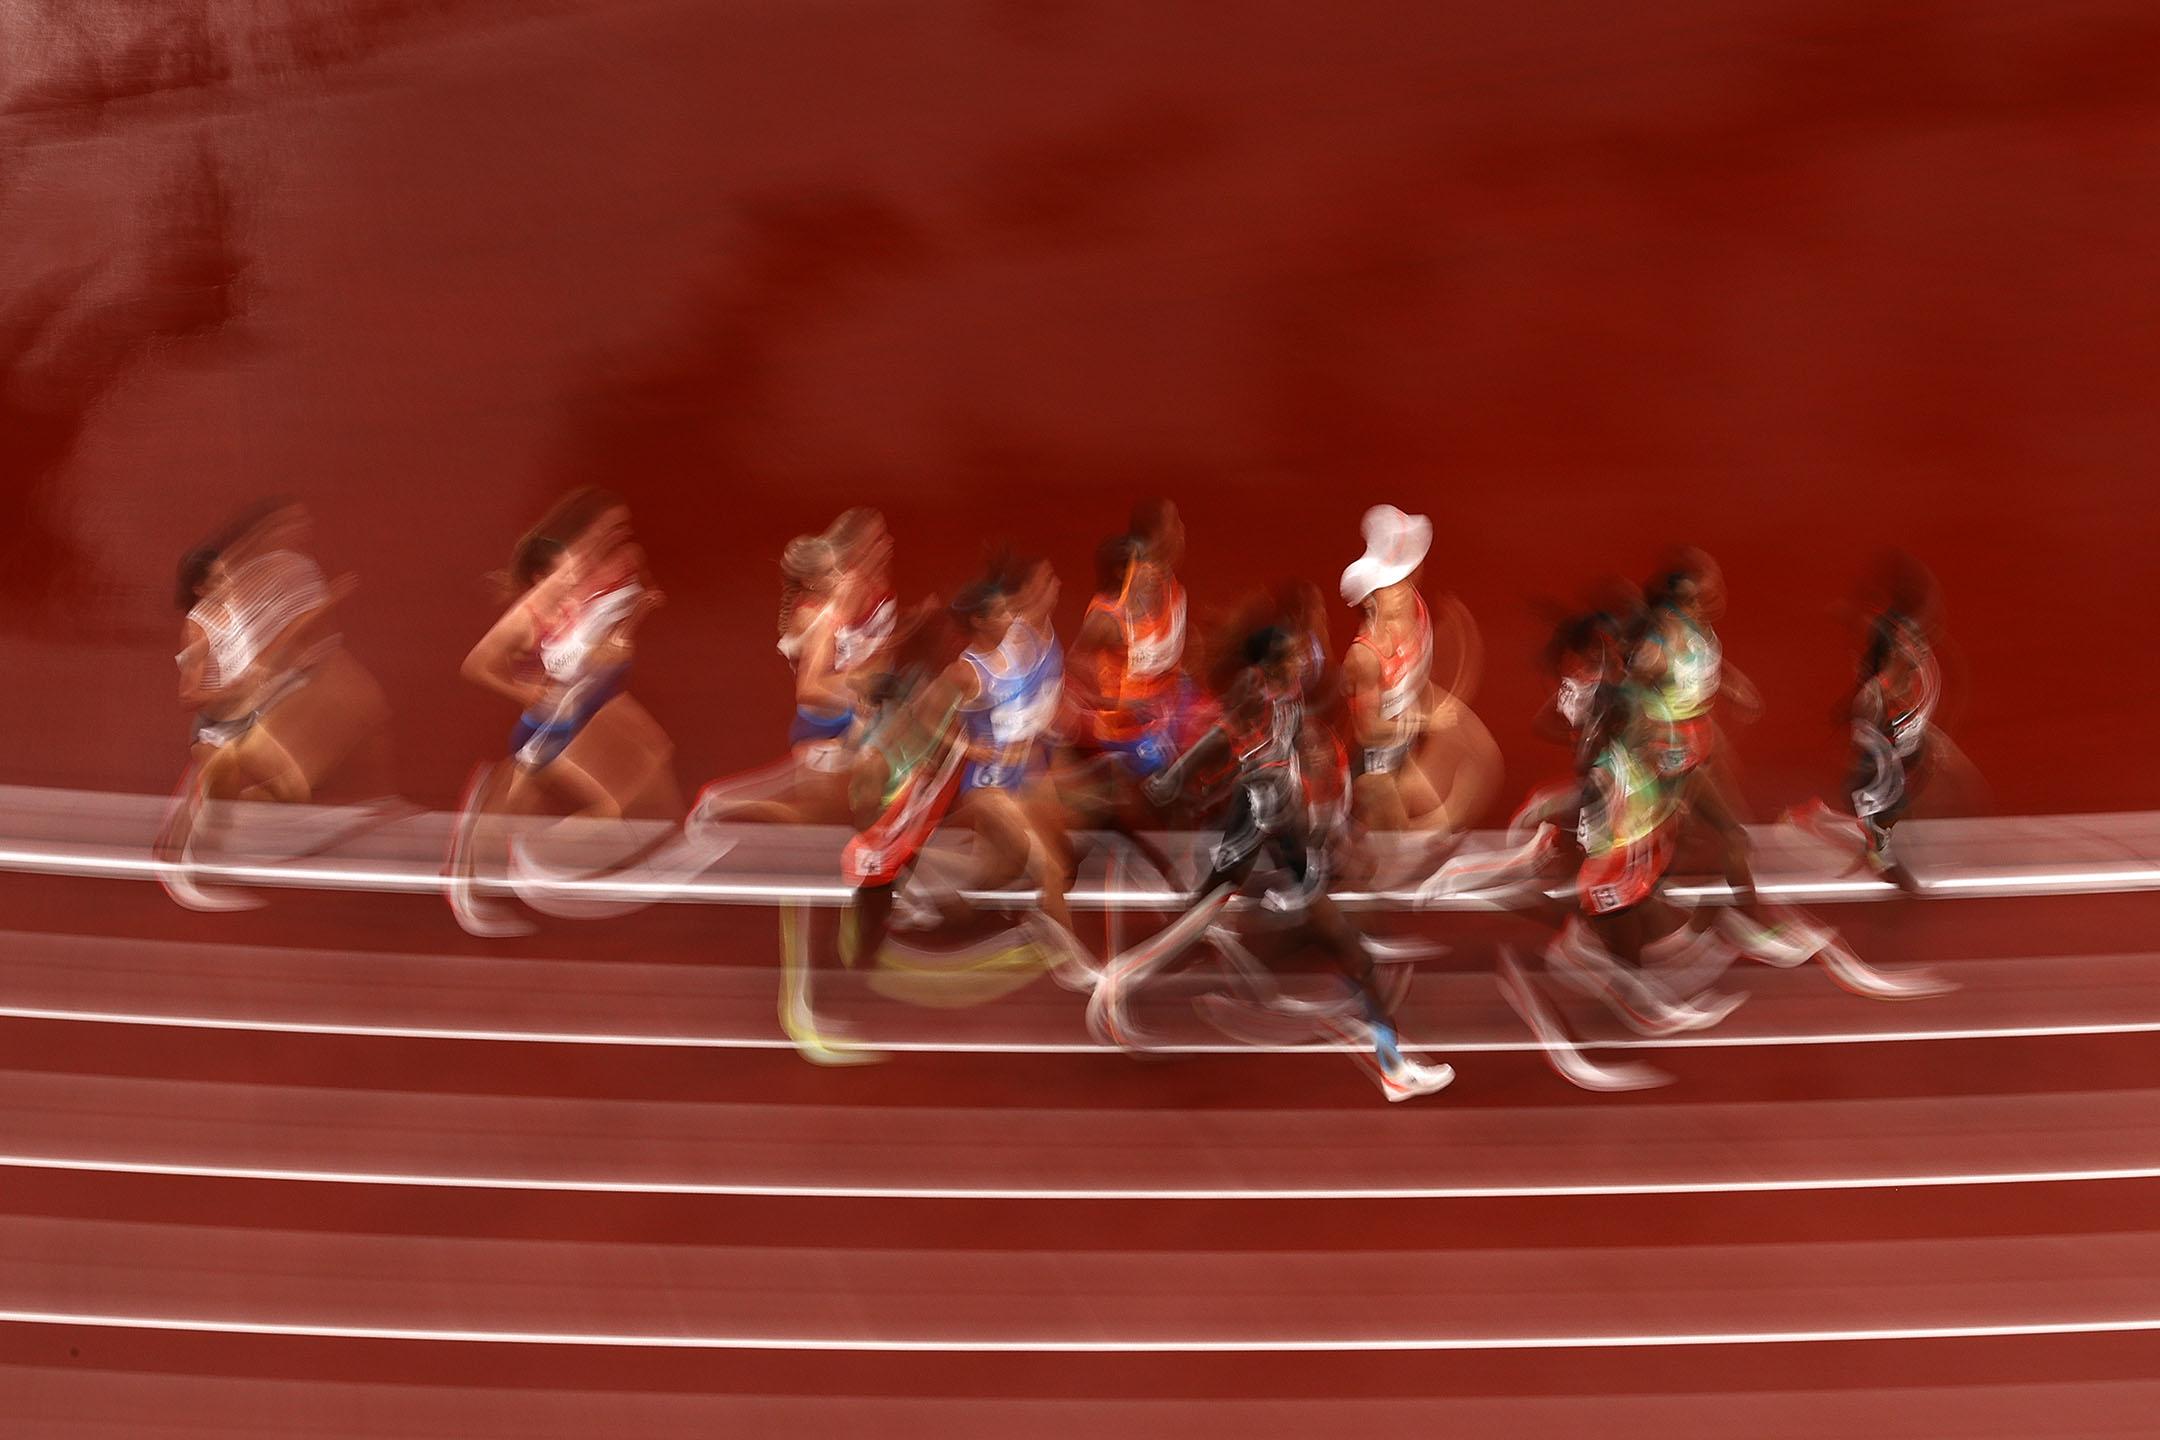 2021年8月2日日本東京,奧林匹克體育場舉行女子5000米決賽。